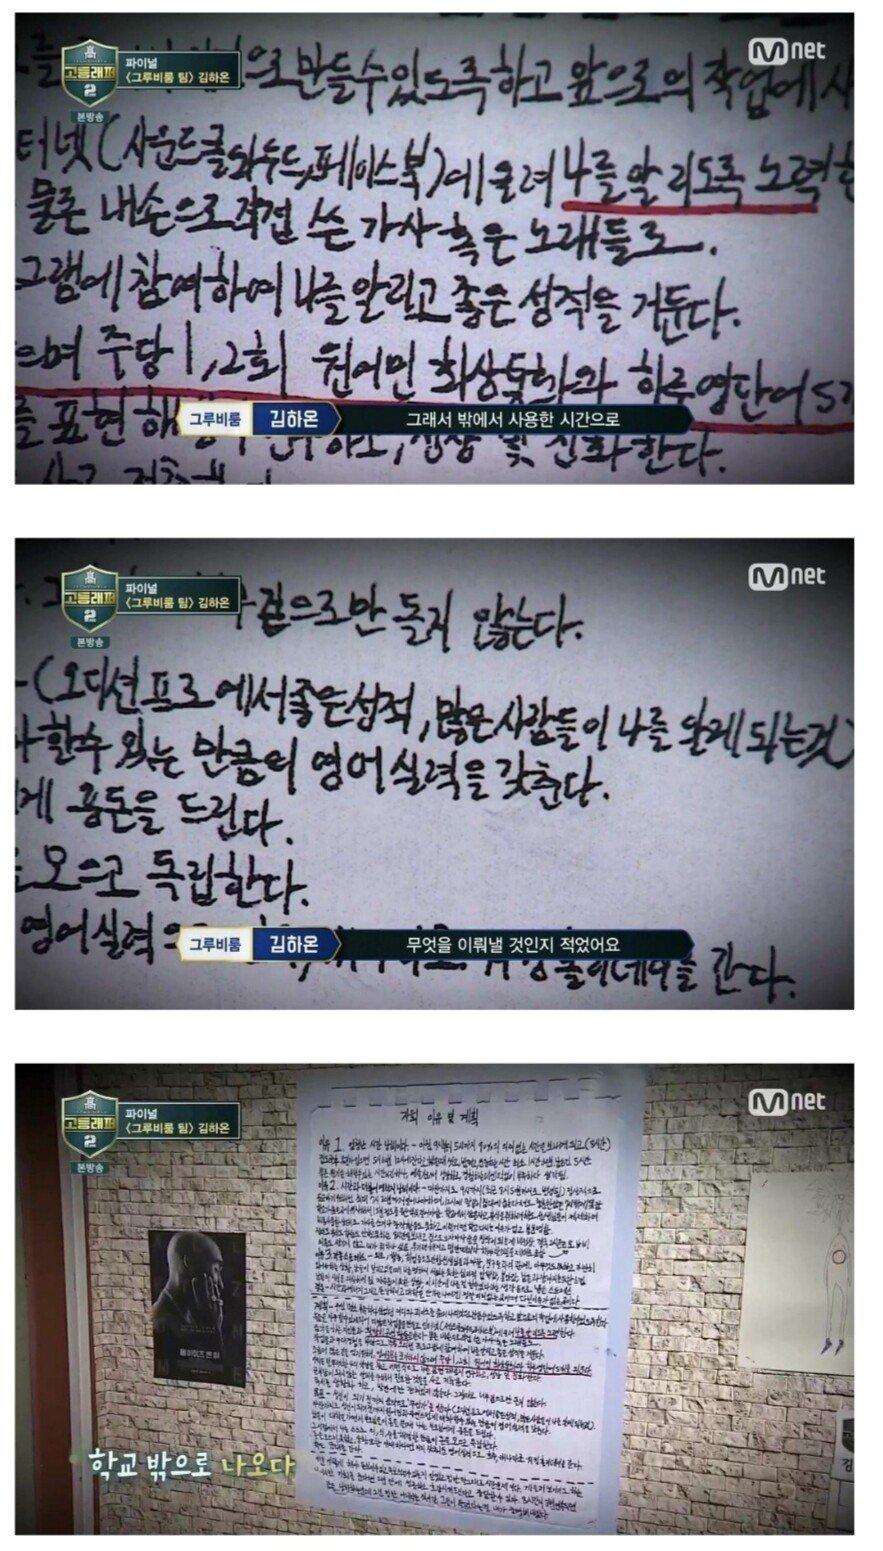 20201016_185932.jpg 래퍼 김하온이 고등학교 자퇴할 때 작성한 사유 및 계획서.JPG